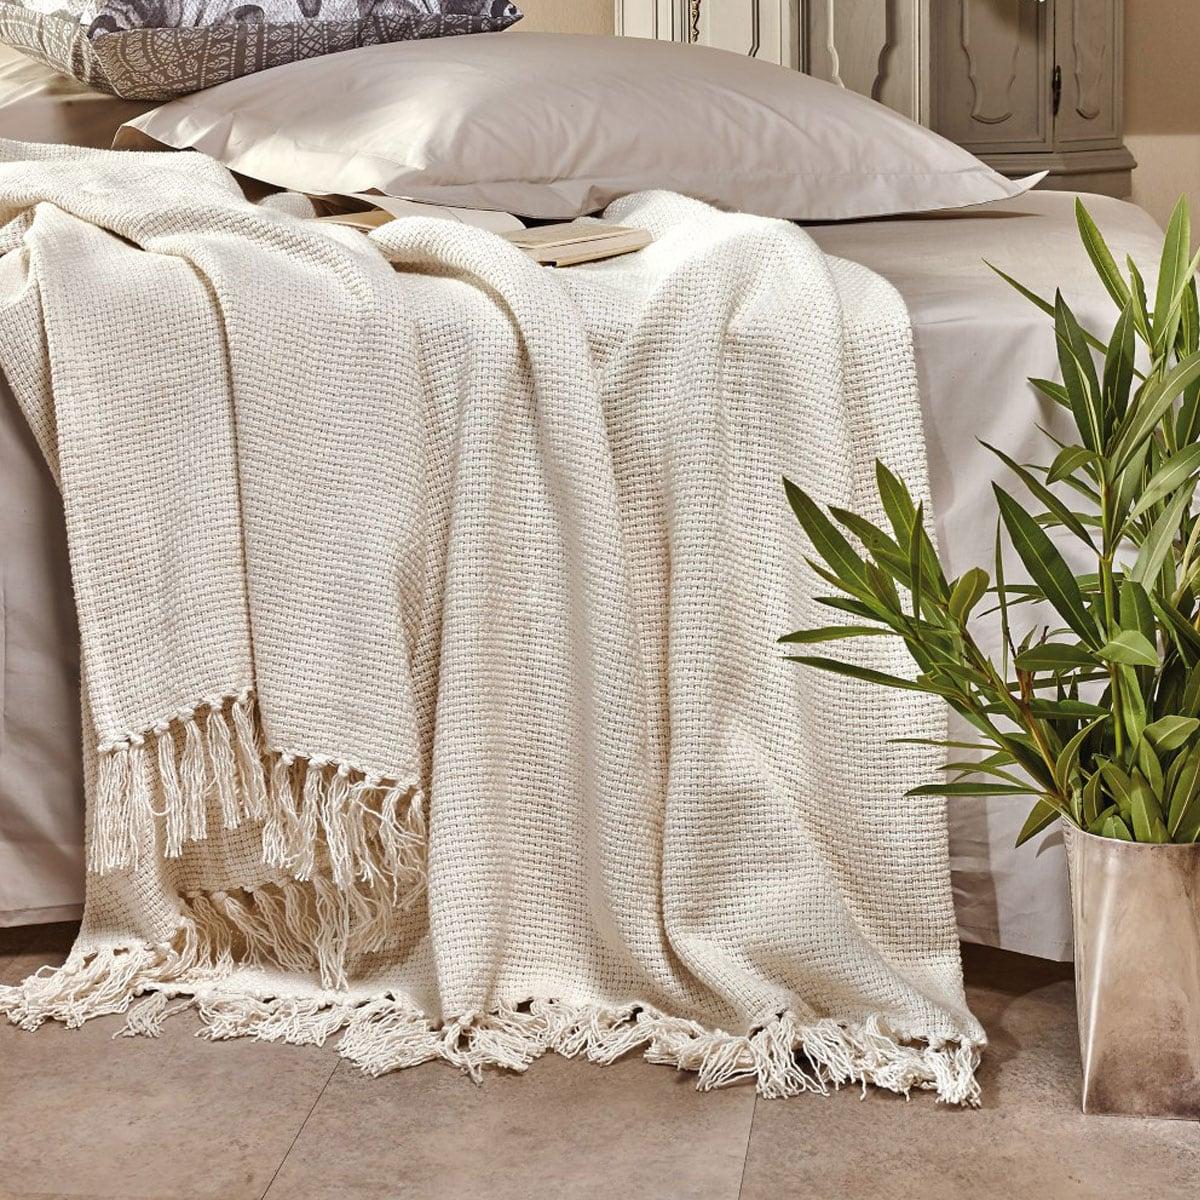 Κουβέρτα Rome 12 Ivory Kentia Ημίδιπλο 180x240cm